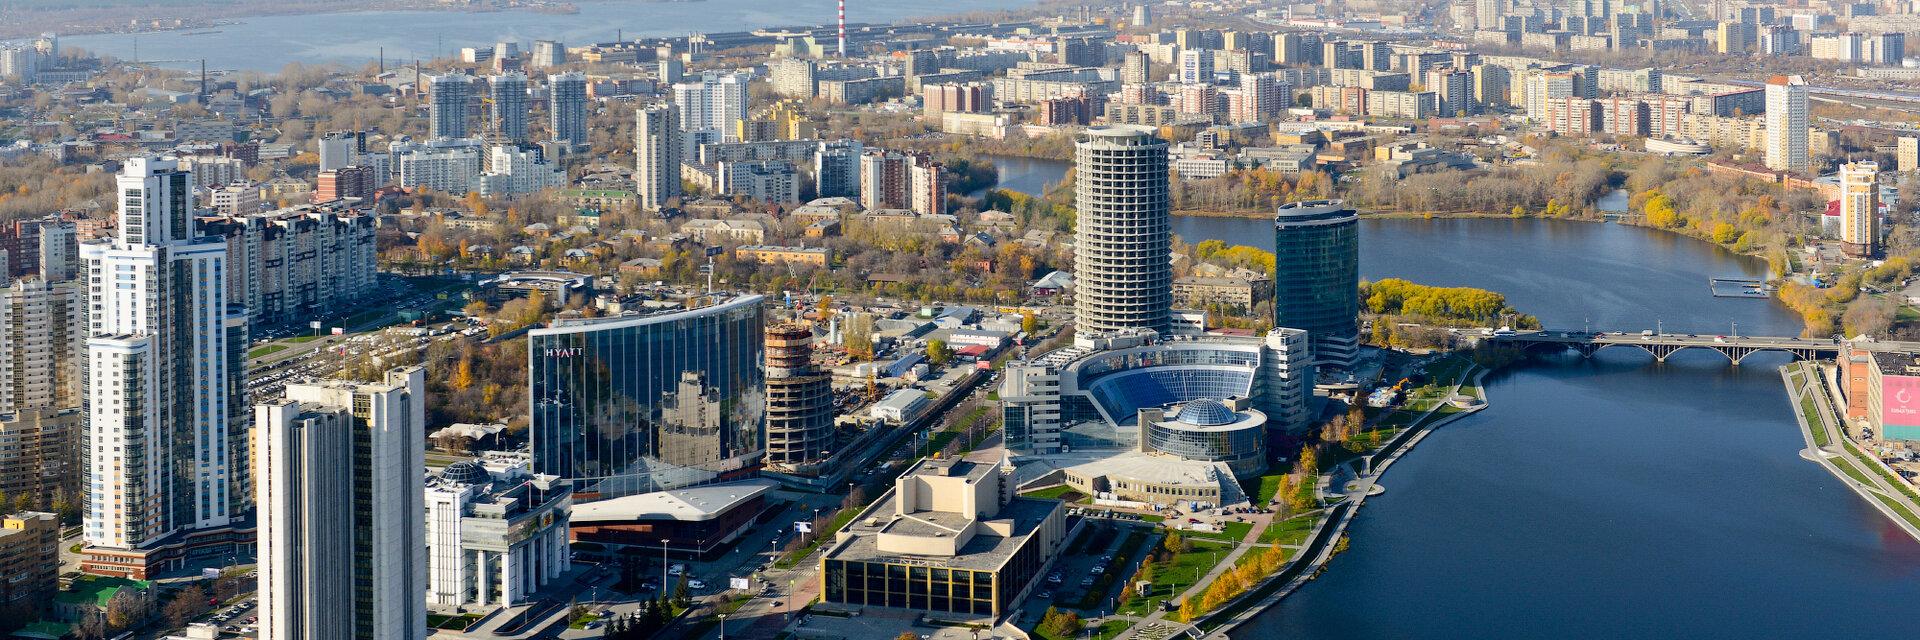 Поиск отелей в Екатеринбурге